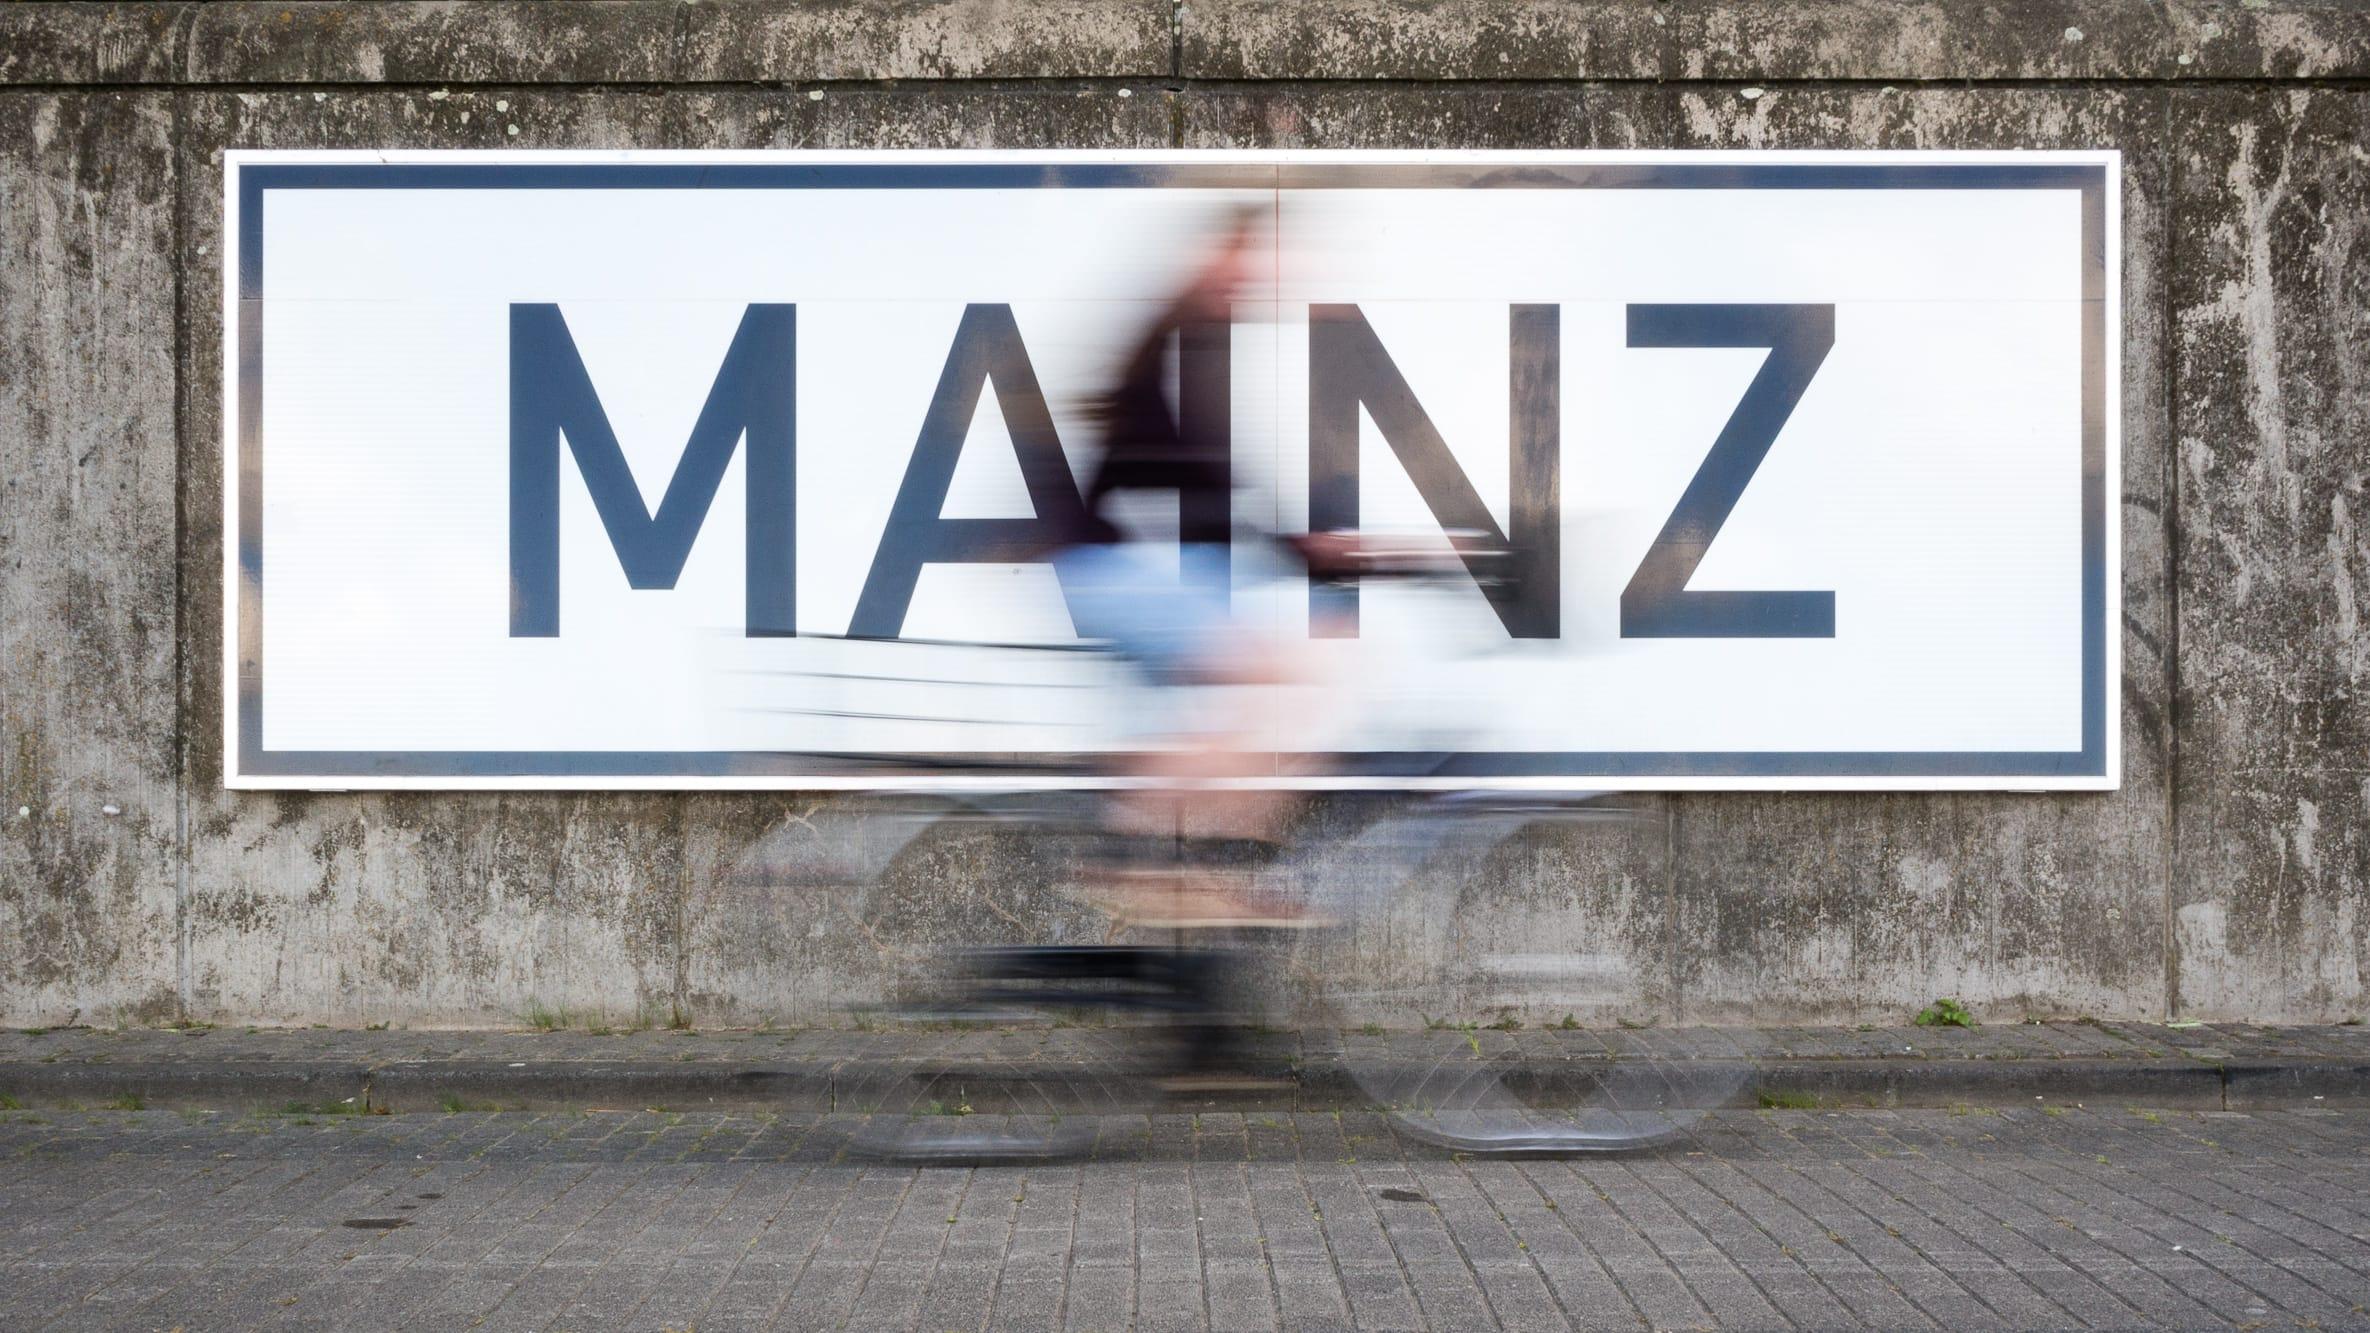 querformat-fotografie - Achim Katzberg - Street Fotografie - DER WORKSHOP - MAINZ